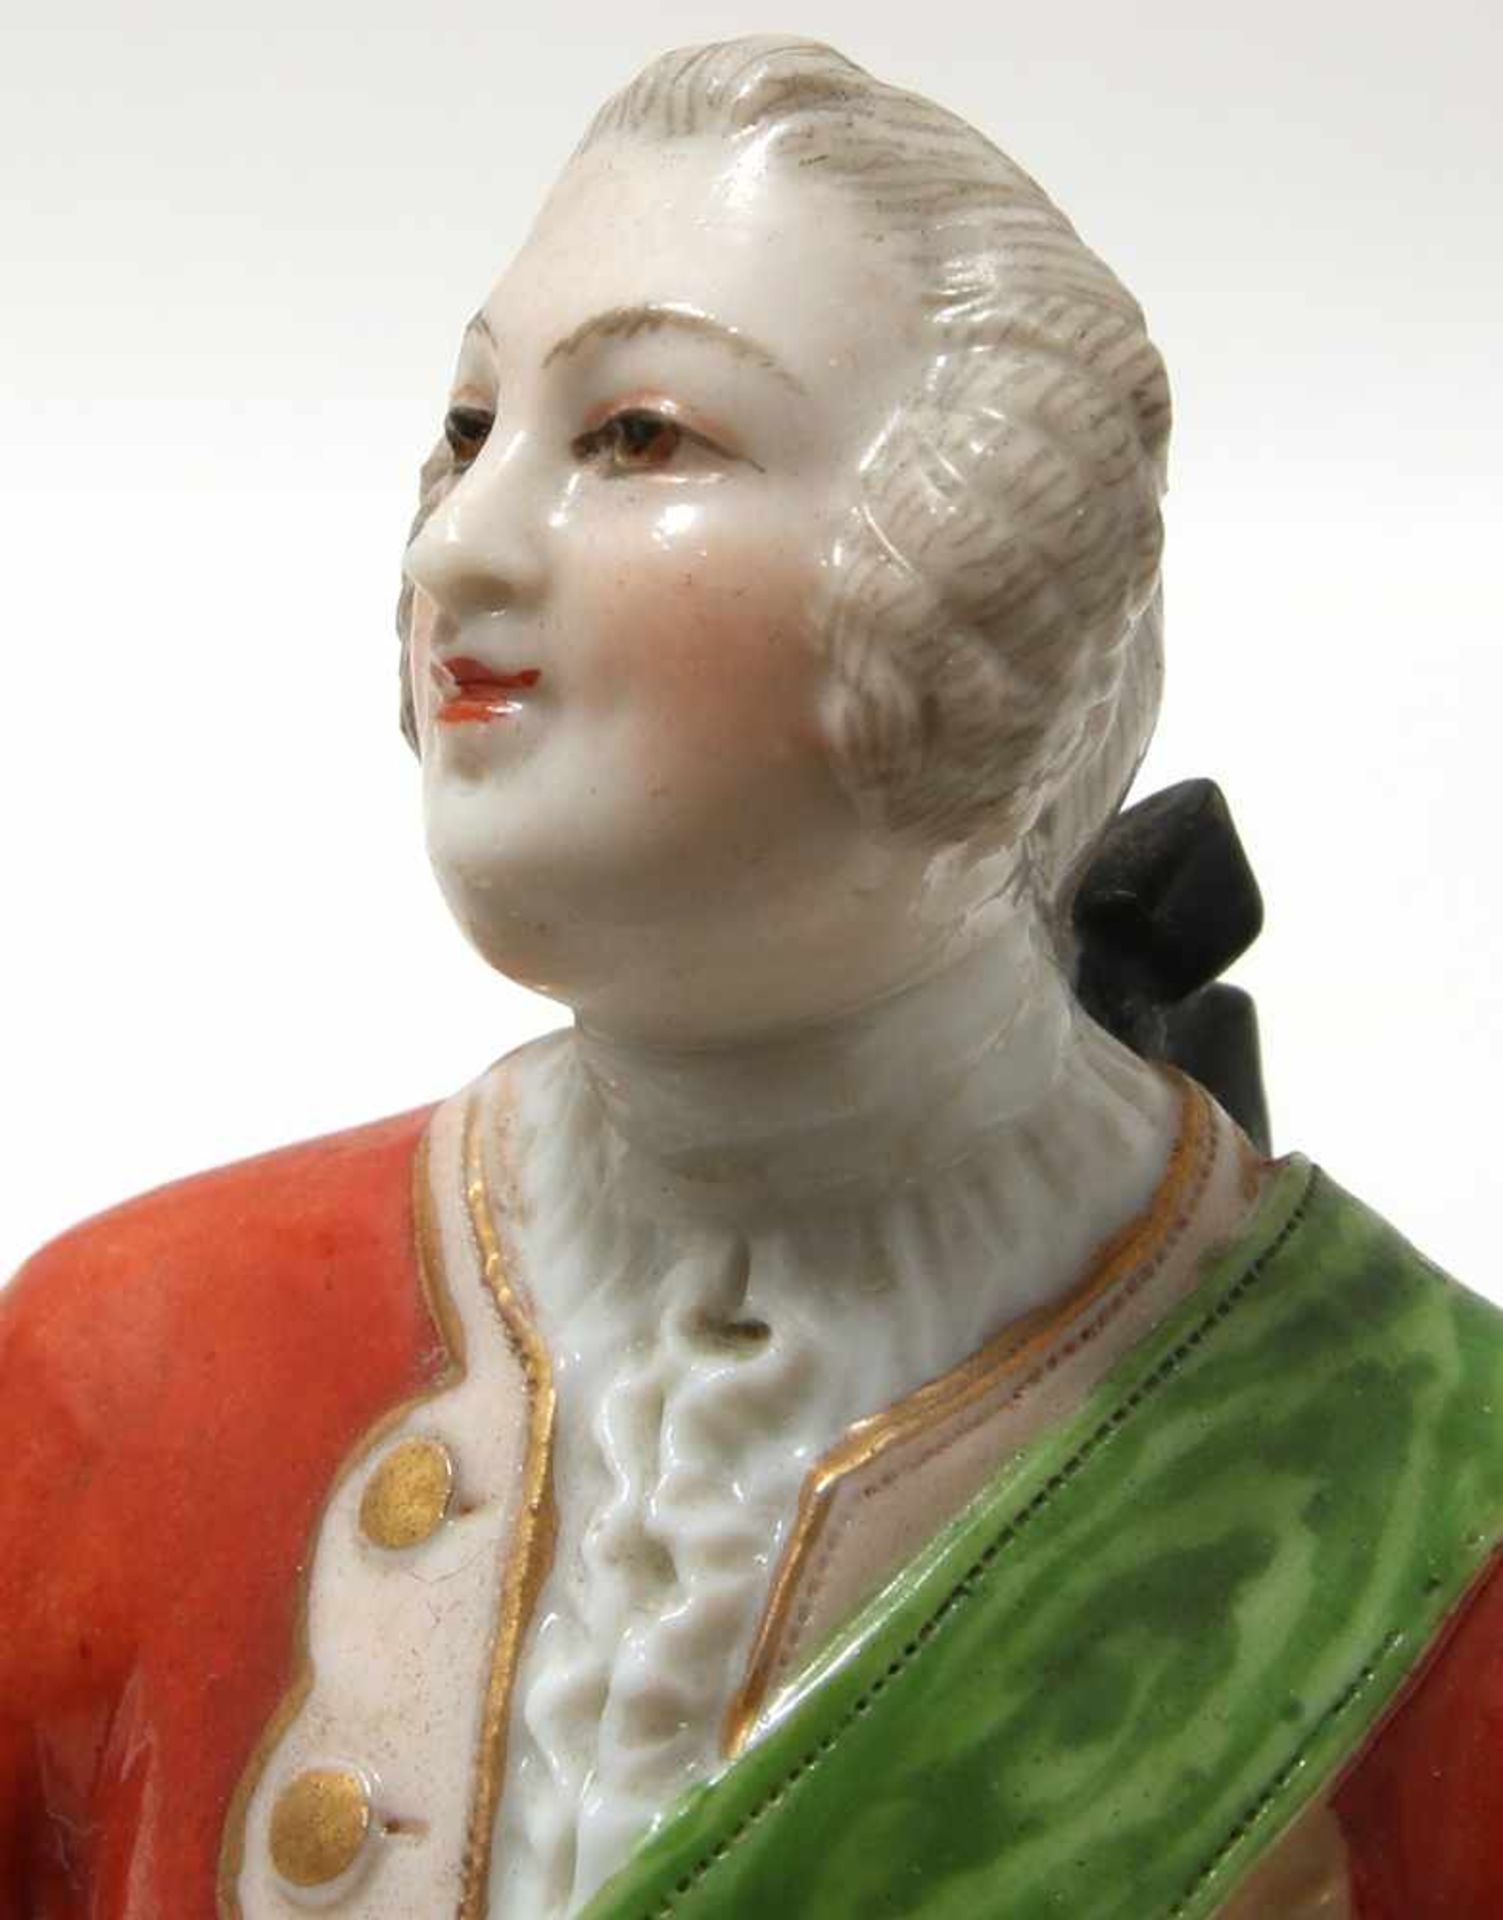 FigurengruppeFrankenthal 18. Jh. Kavalier mit Dame im Krinolinenrock. Porzellan mit aufbossierten - Bild 7 aus 10